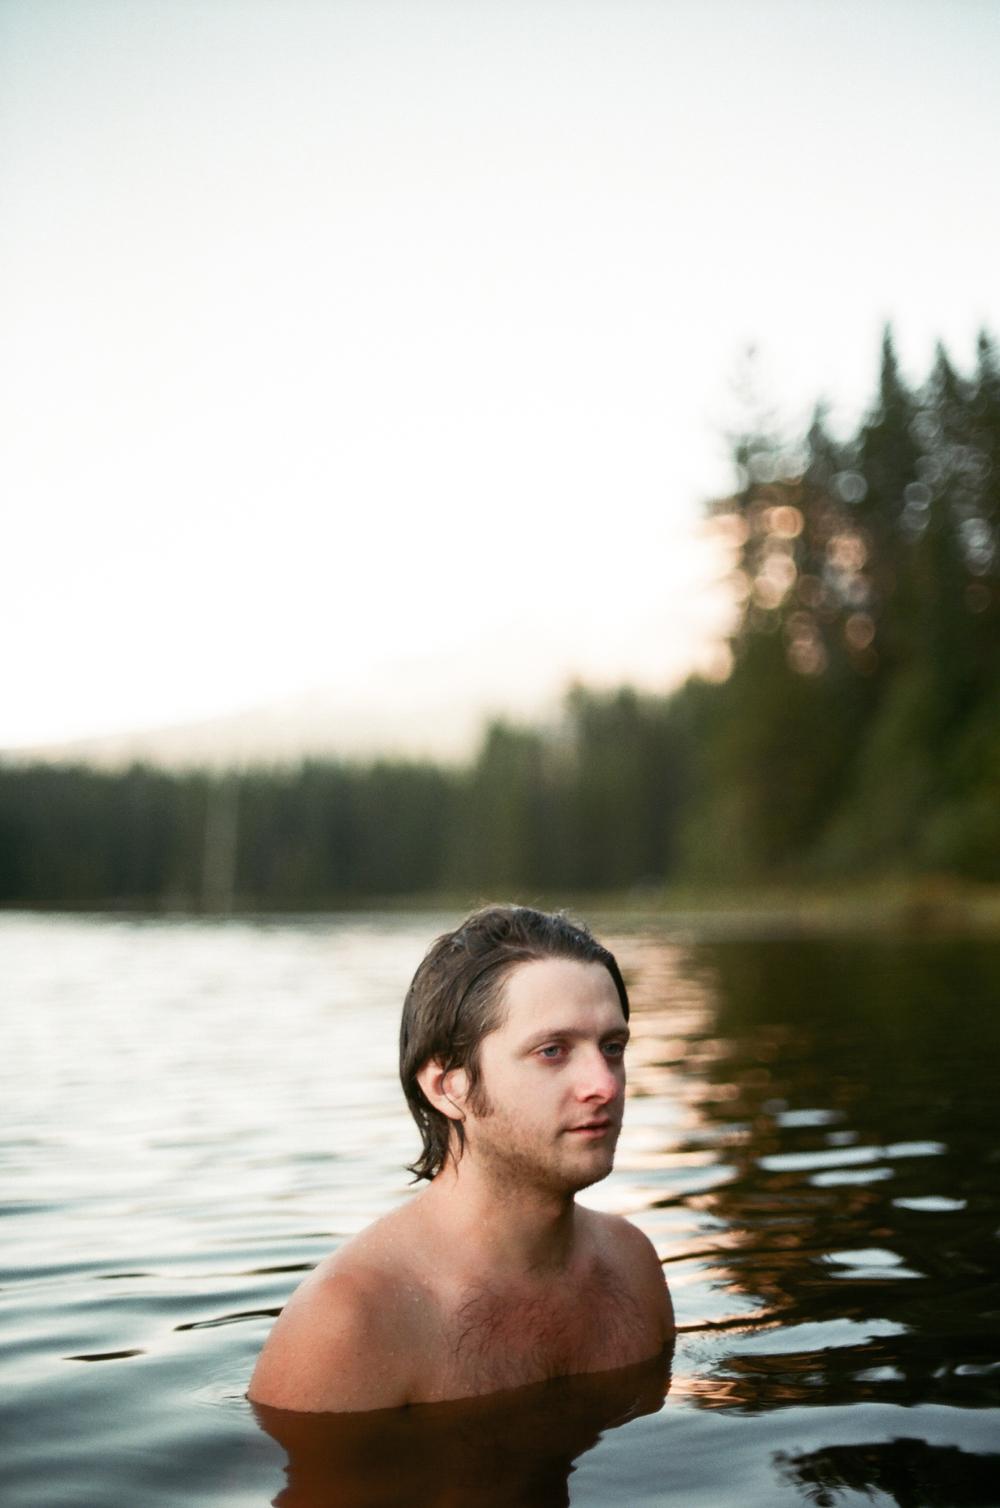 Sean-Danaher_Singles_People-133.jpg